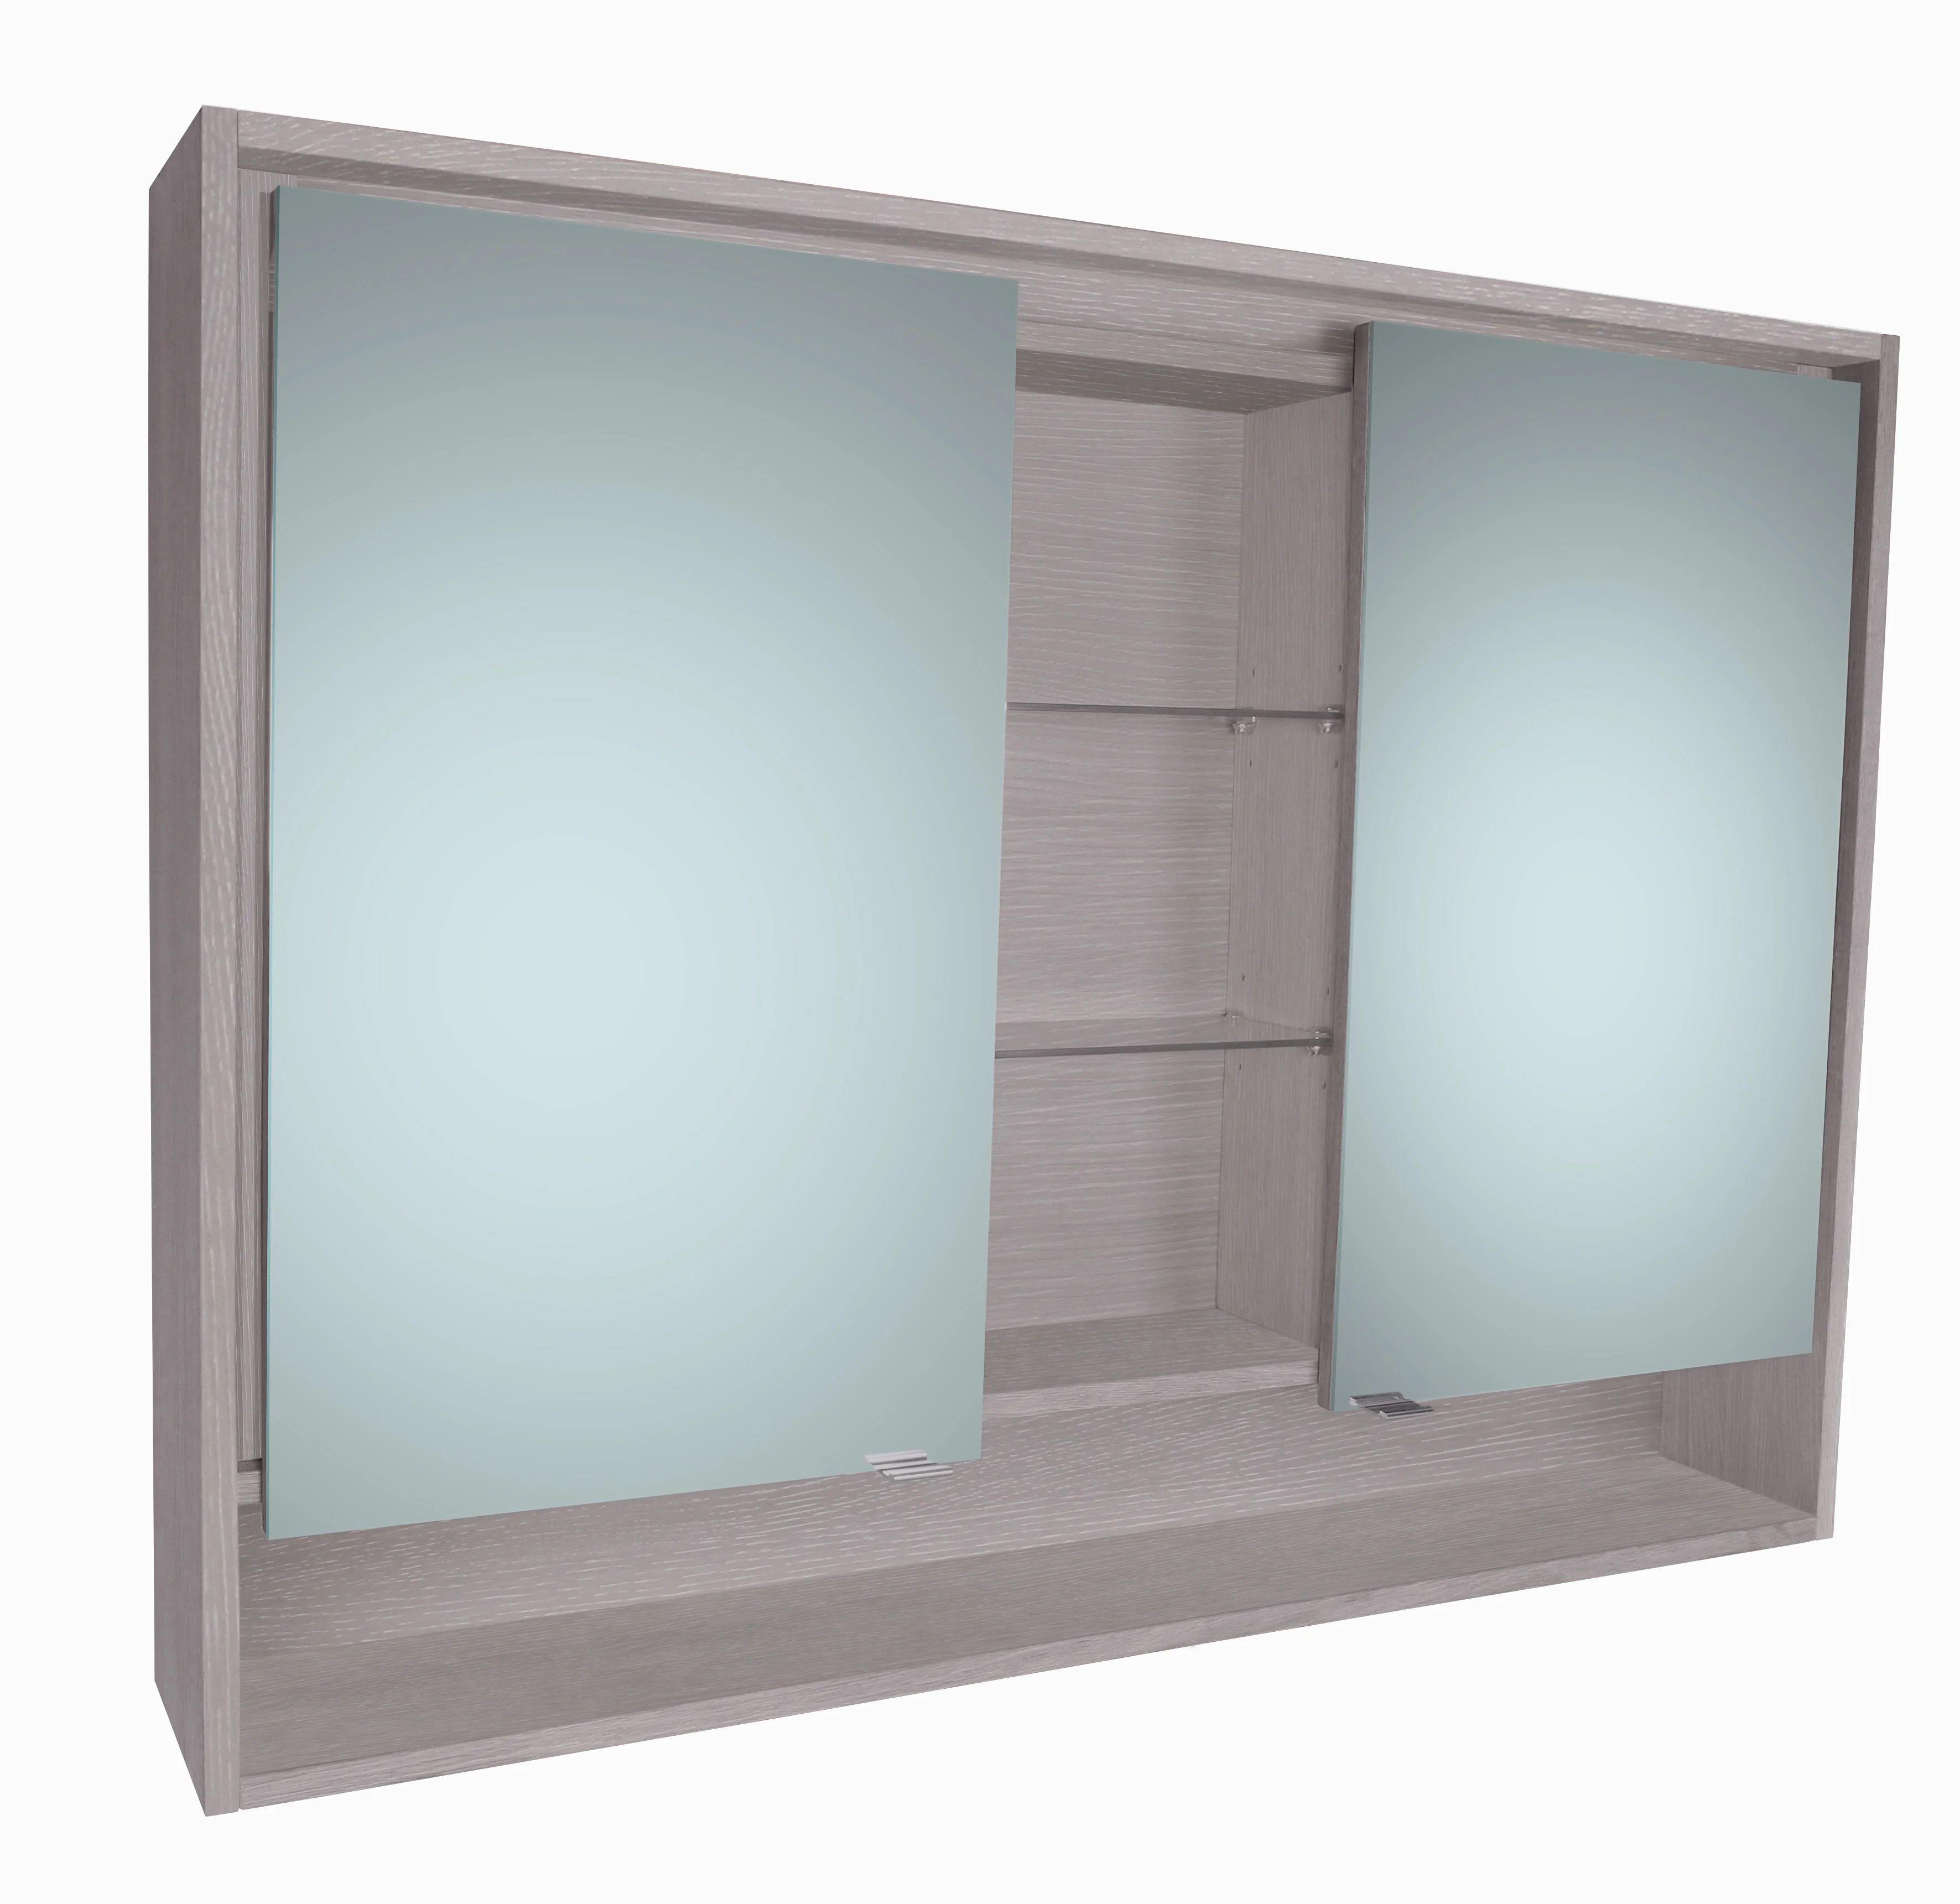 Armoire De Toilette Lumineuse L 120 Cm Gris Structure Sensea Nordic Leroy Merlin